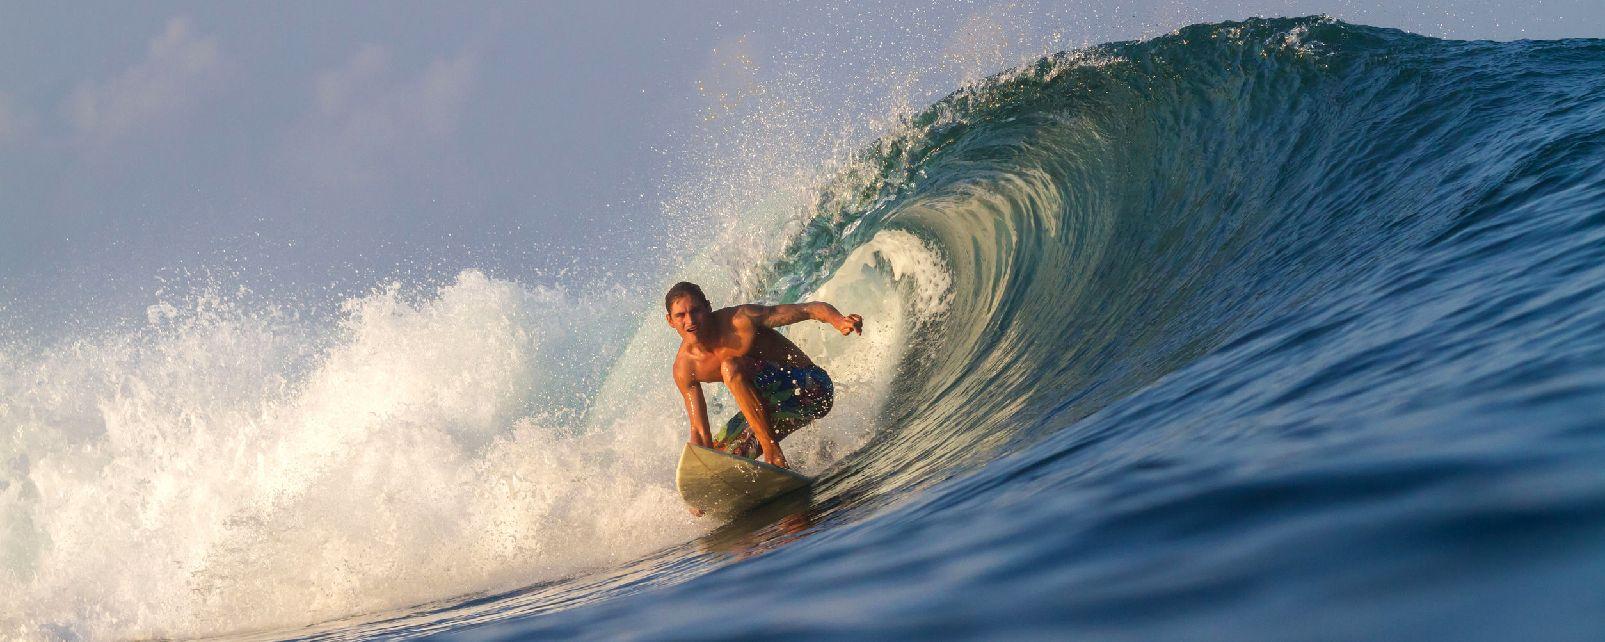 Le surf , Indonésie